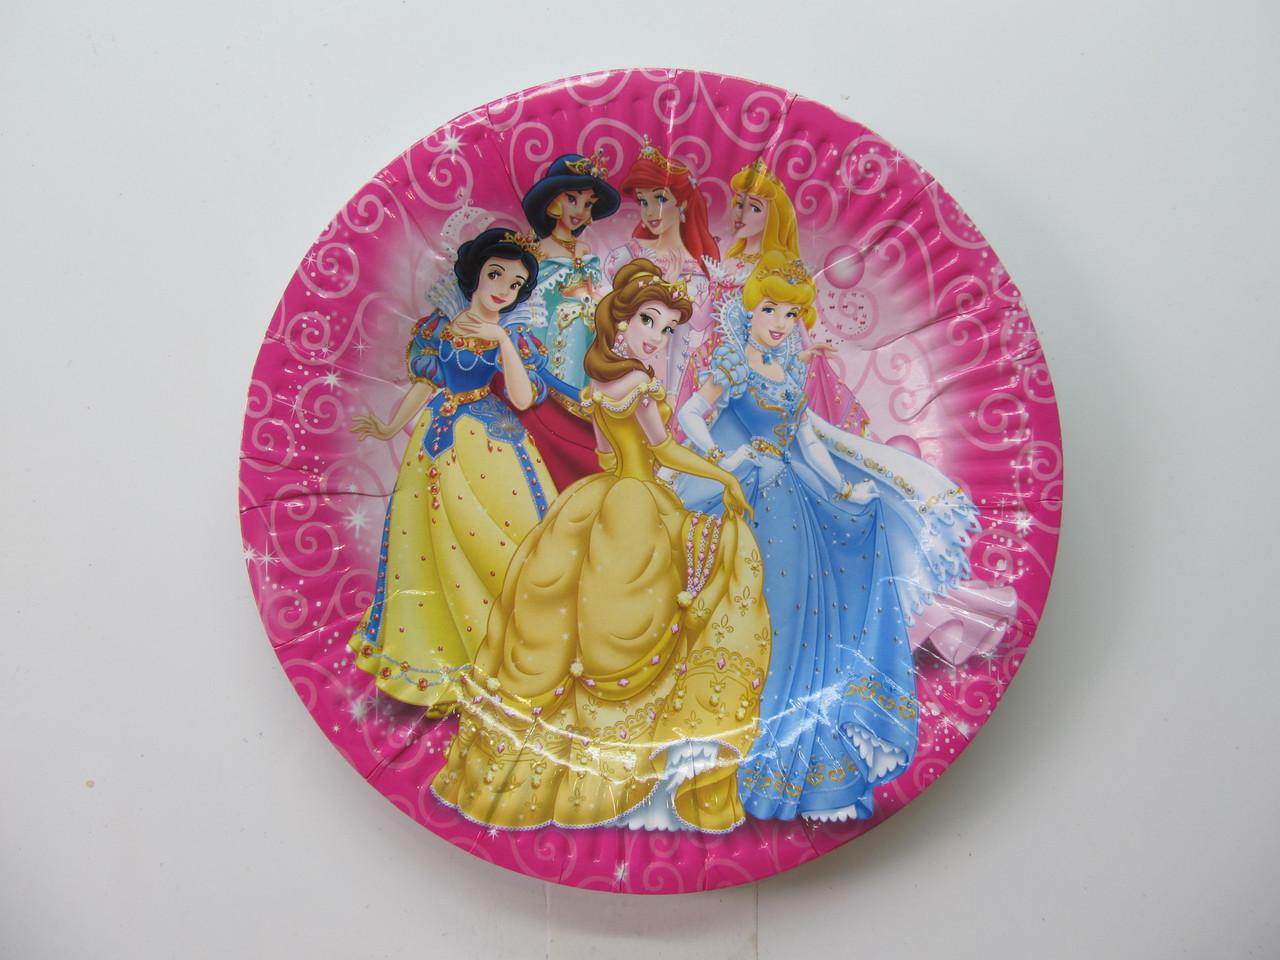 """Тарелки праздничные бумажные одноразовые """" Принцессы """". 18см.10 шт. Посуда одноразовая детская"""